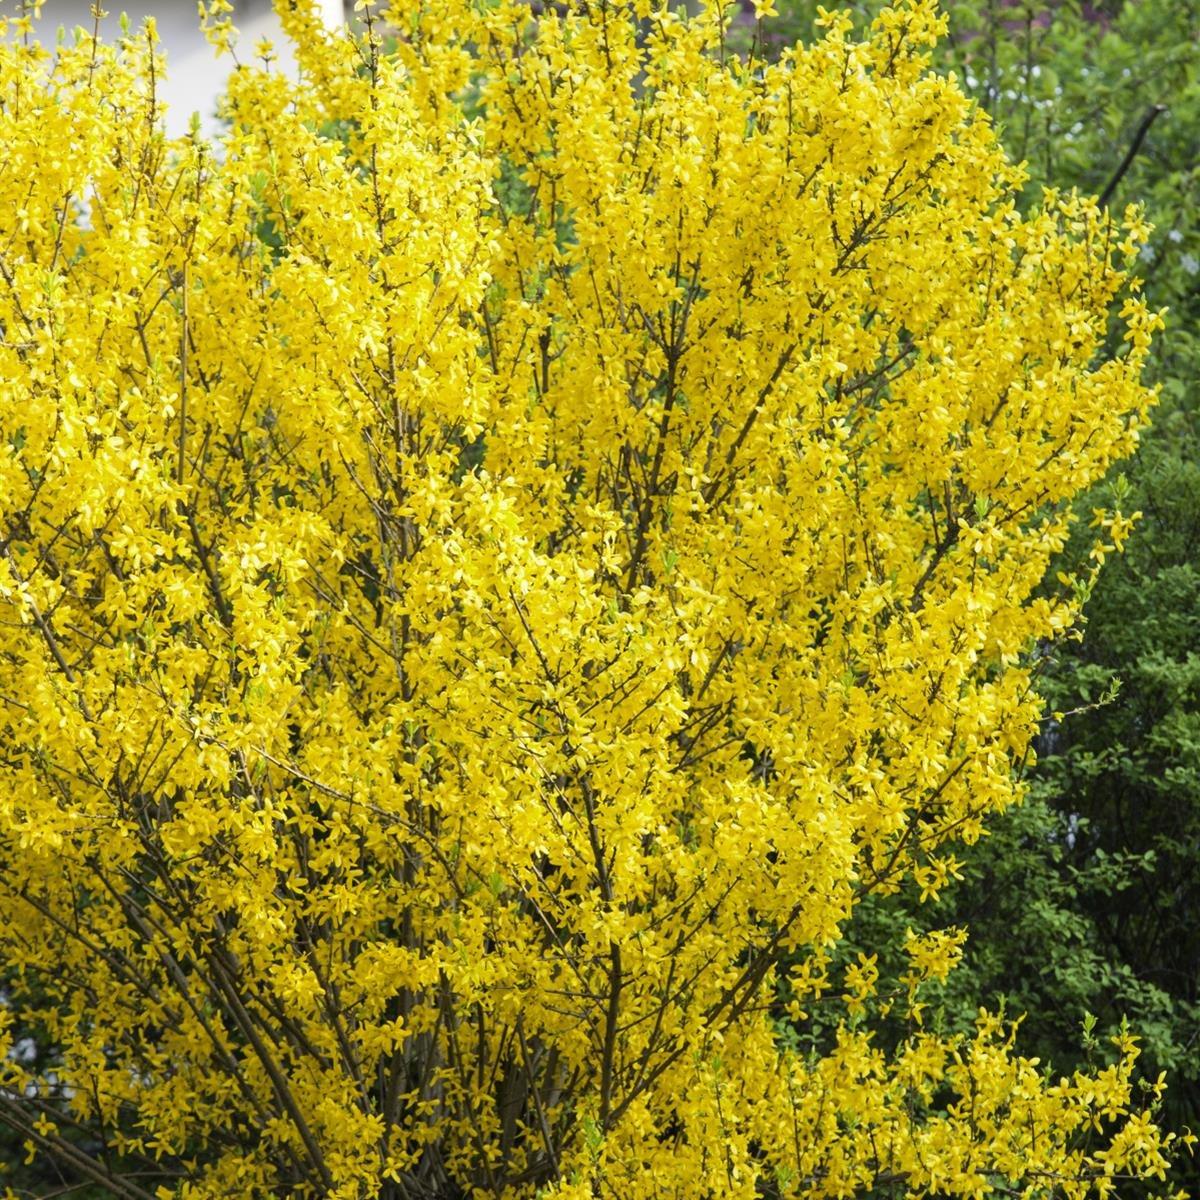 Goldglöckchen Forsythia Strauch gelb blühend 1 Pflanze Amazon